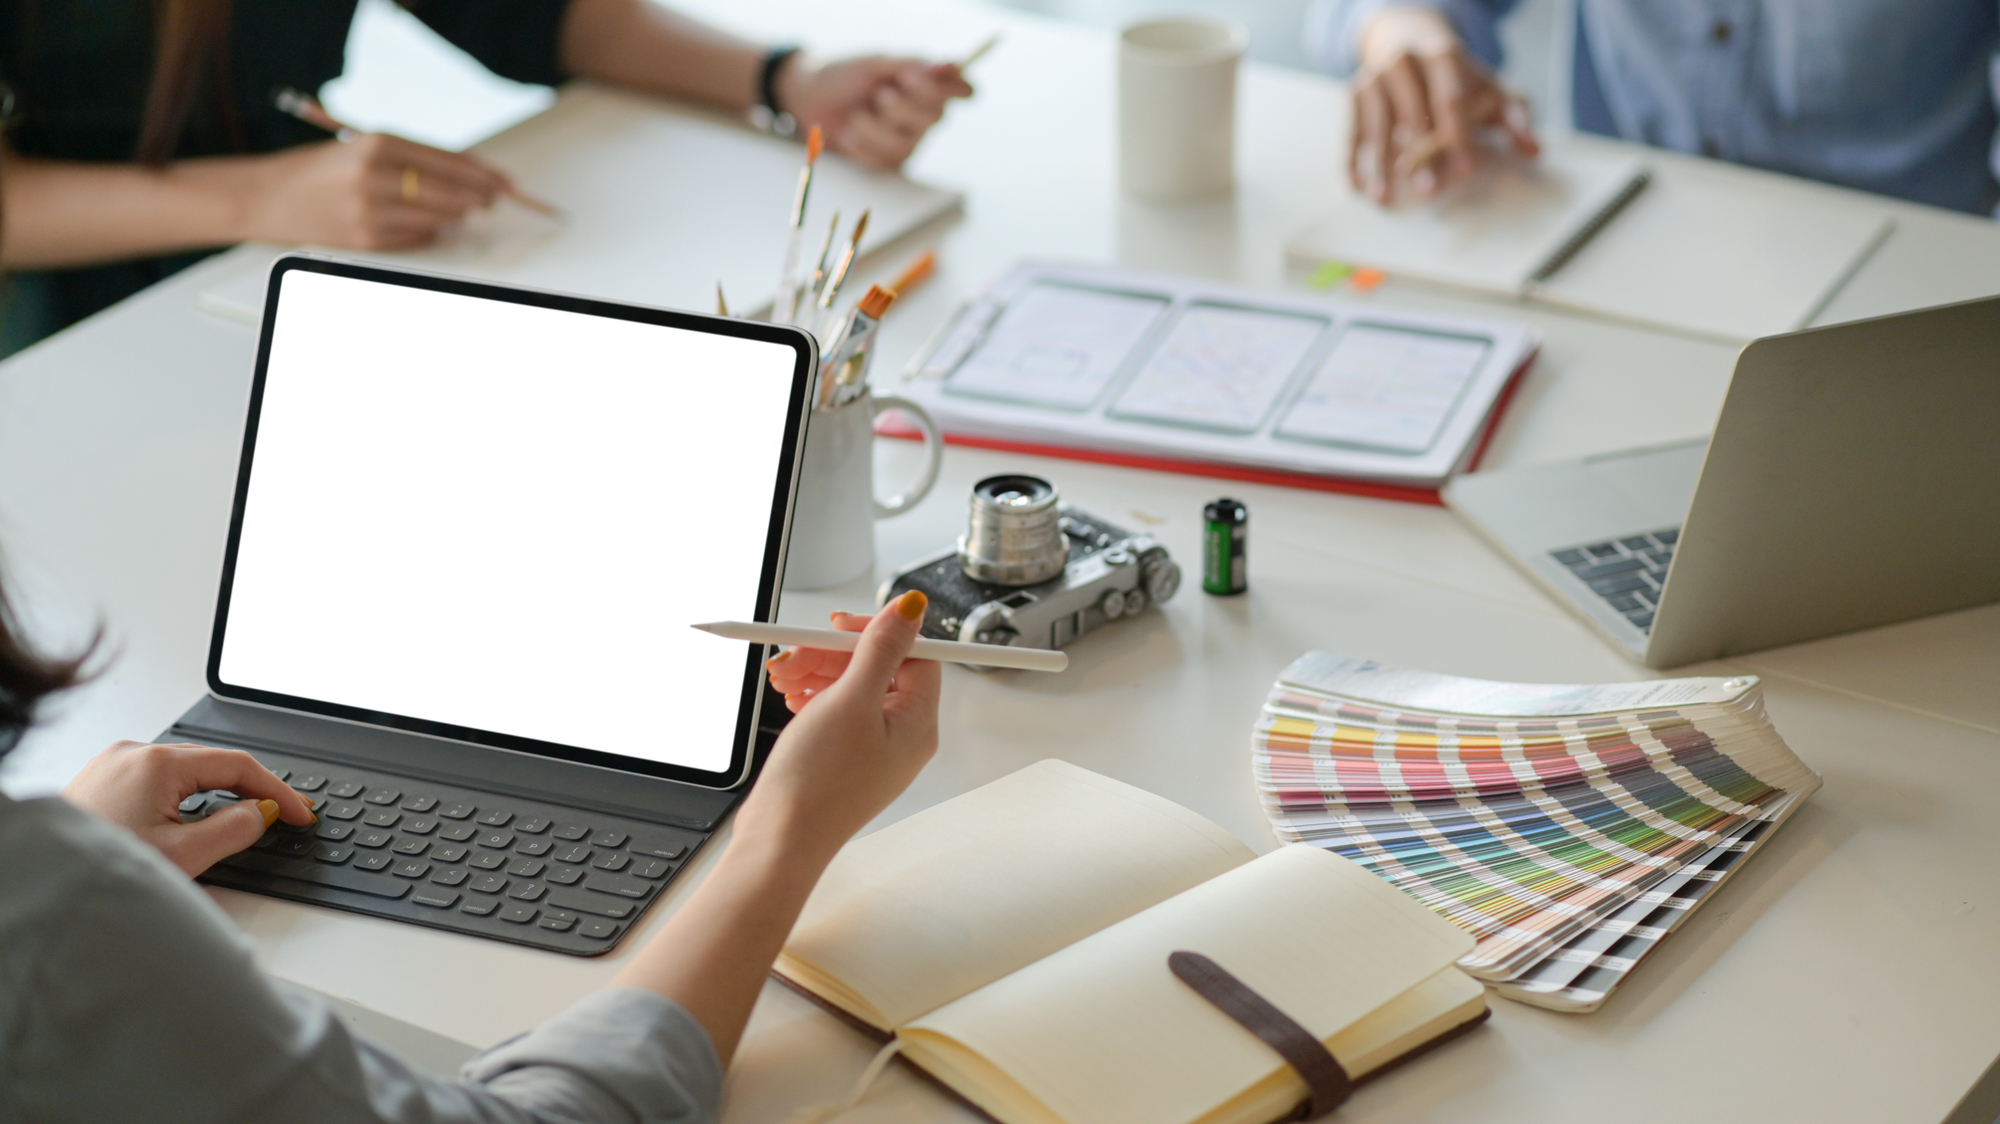 Canvaとは?無料で使えるデザイン作成ツールの機能・使い方を解説